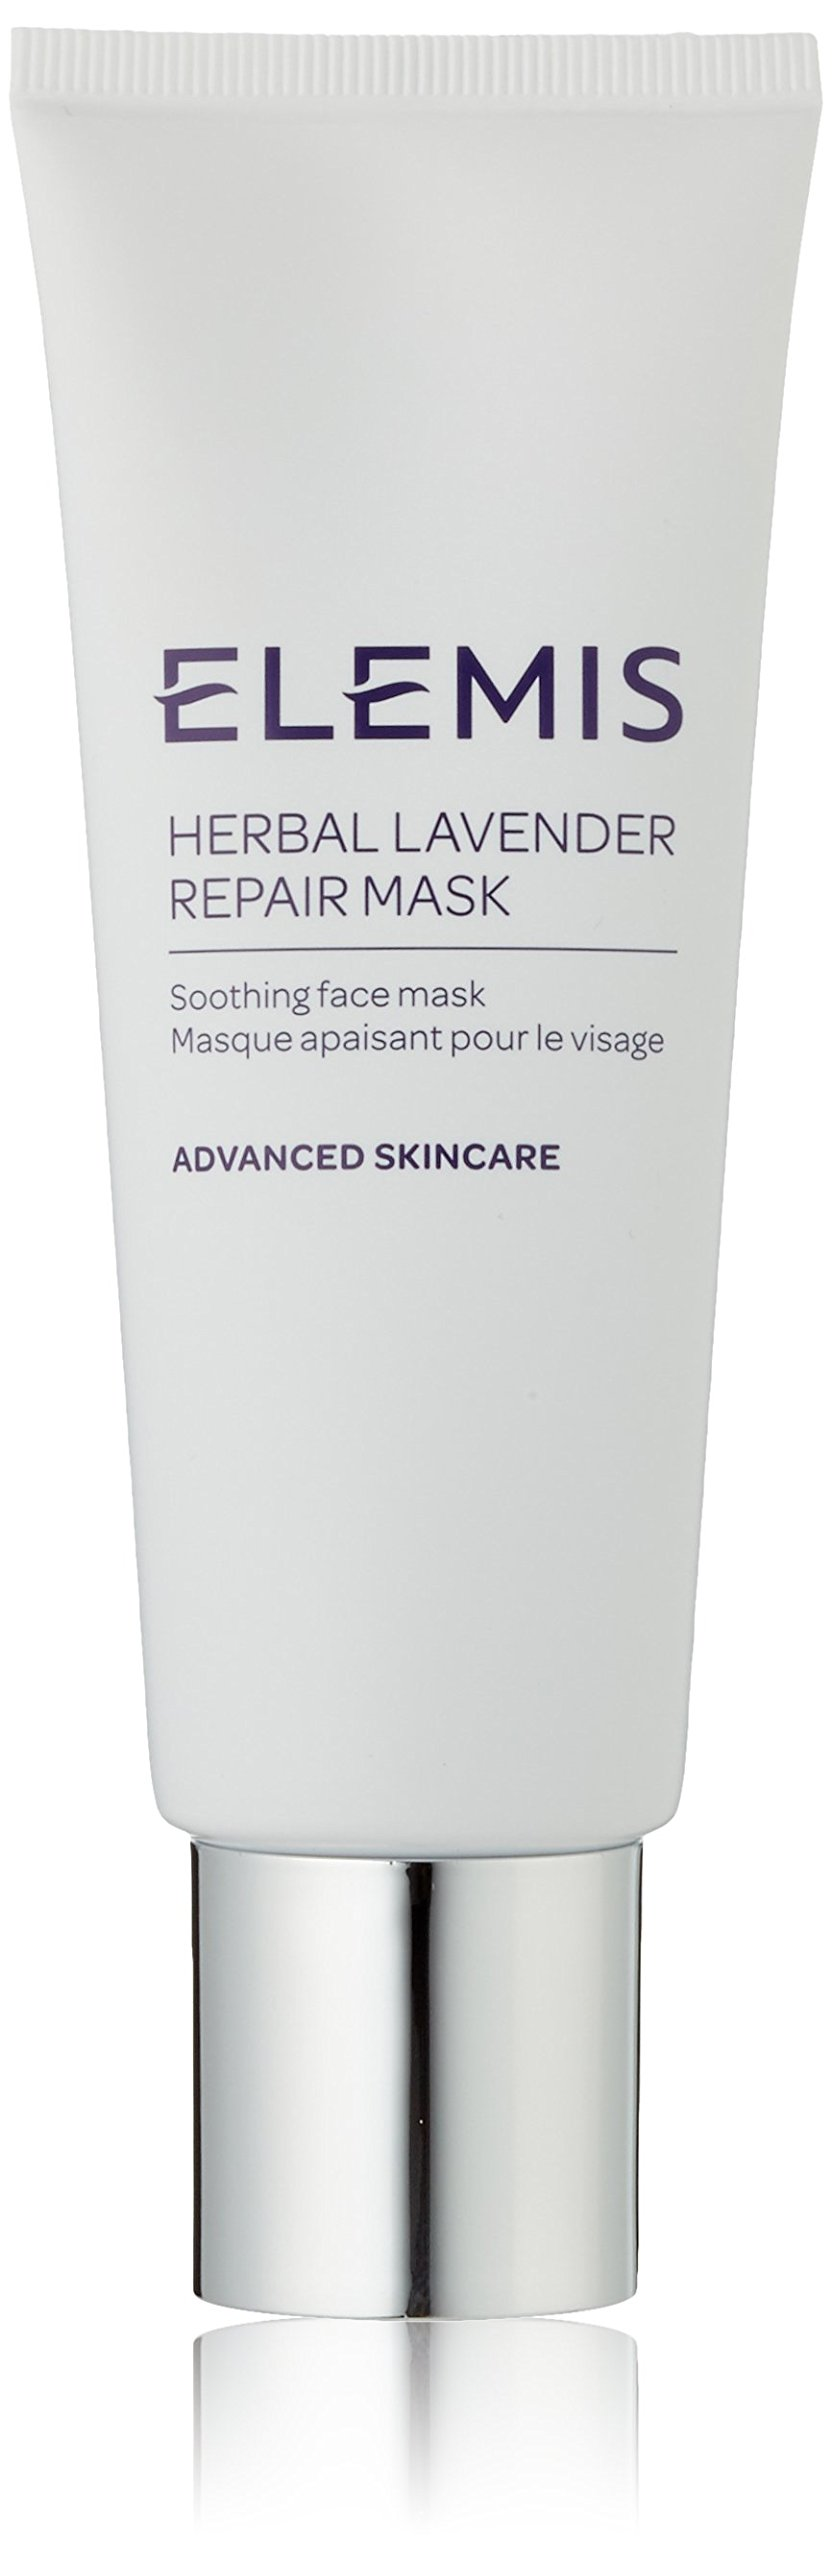 ELEMIS Herbal Lavender Repair Mask - Soothing Clay Mask, 2.5 fl. oz.